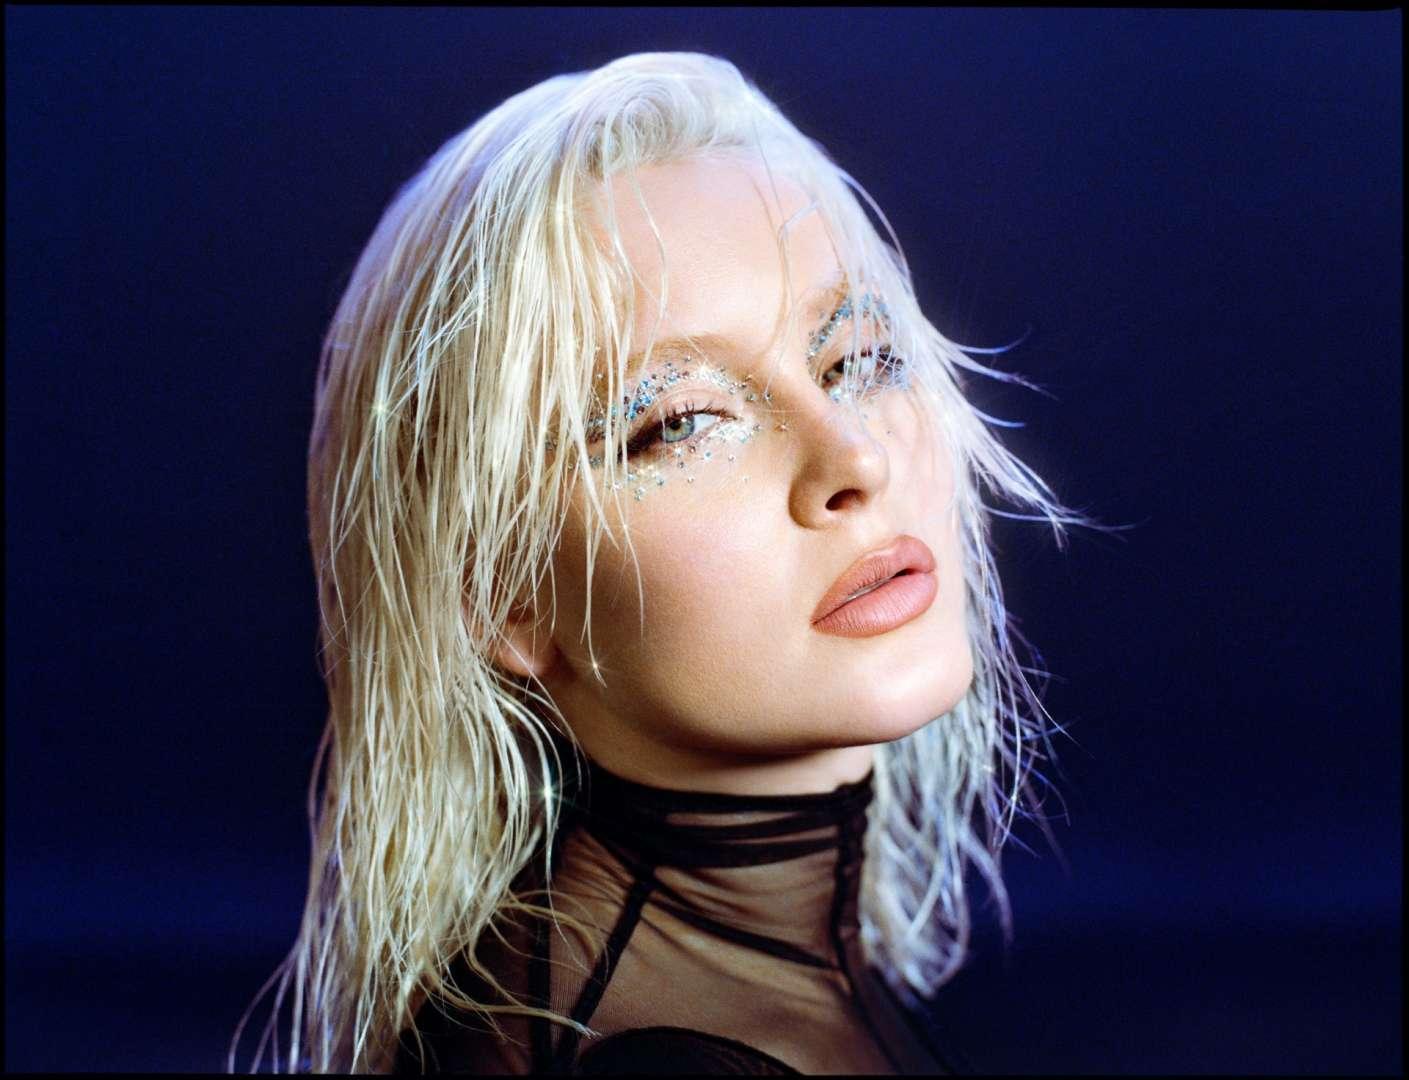 Foto de Zara Larsson. Sobre um fundo azul, a cabeça de Zara aparece. Seus cabelos platinados estão molhados e sua franja cobre levemente seus olhos. Com uma maquiagem brilhante que contorna seus olhos, ela tem aparência séria. Zara usa uma blusa com bordas pretas e cobertura transparente.